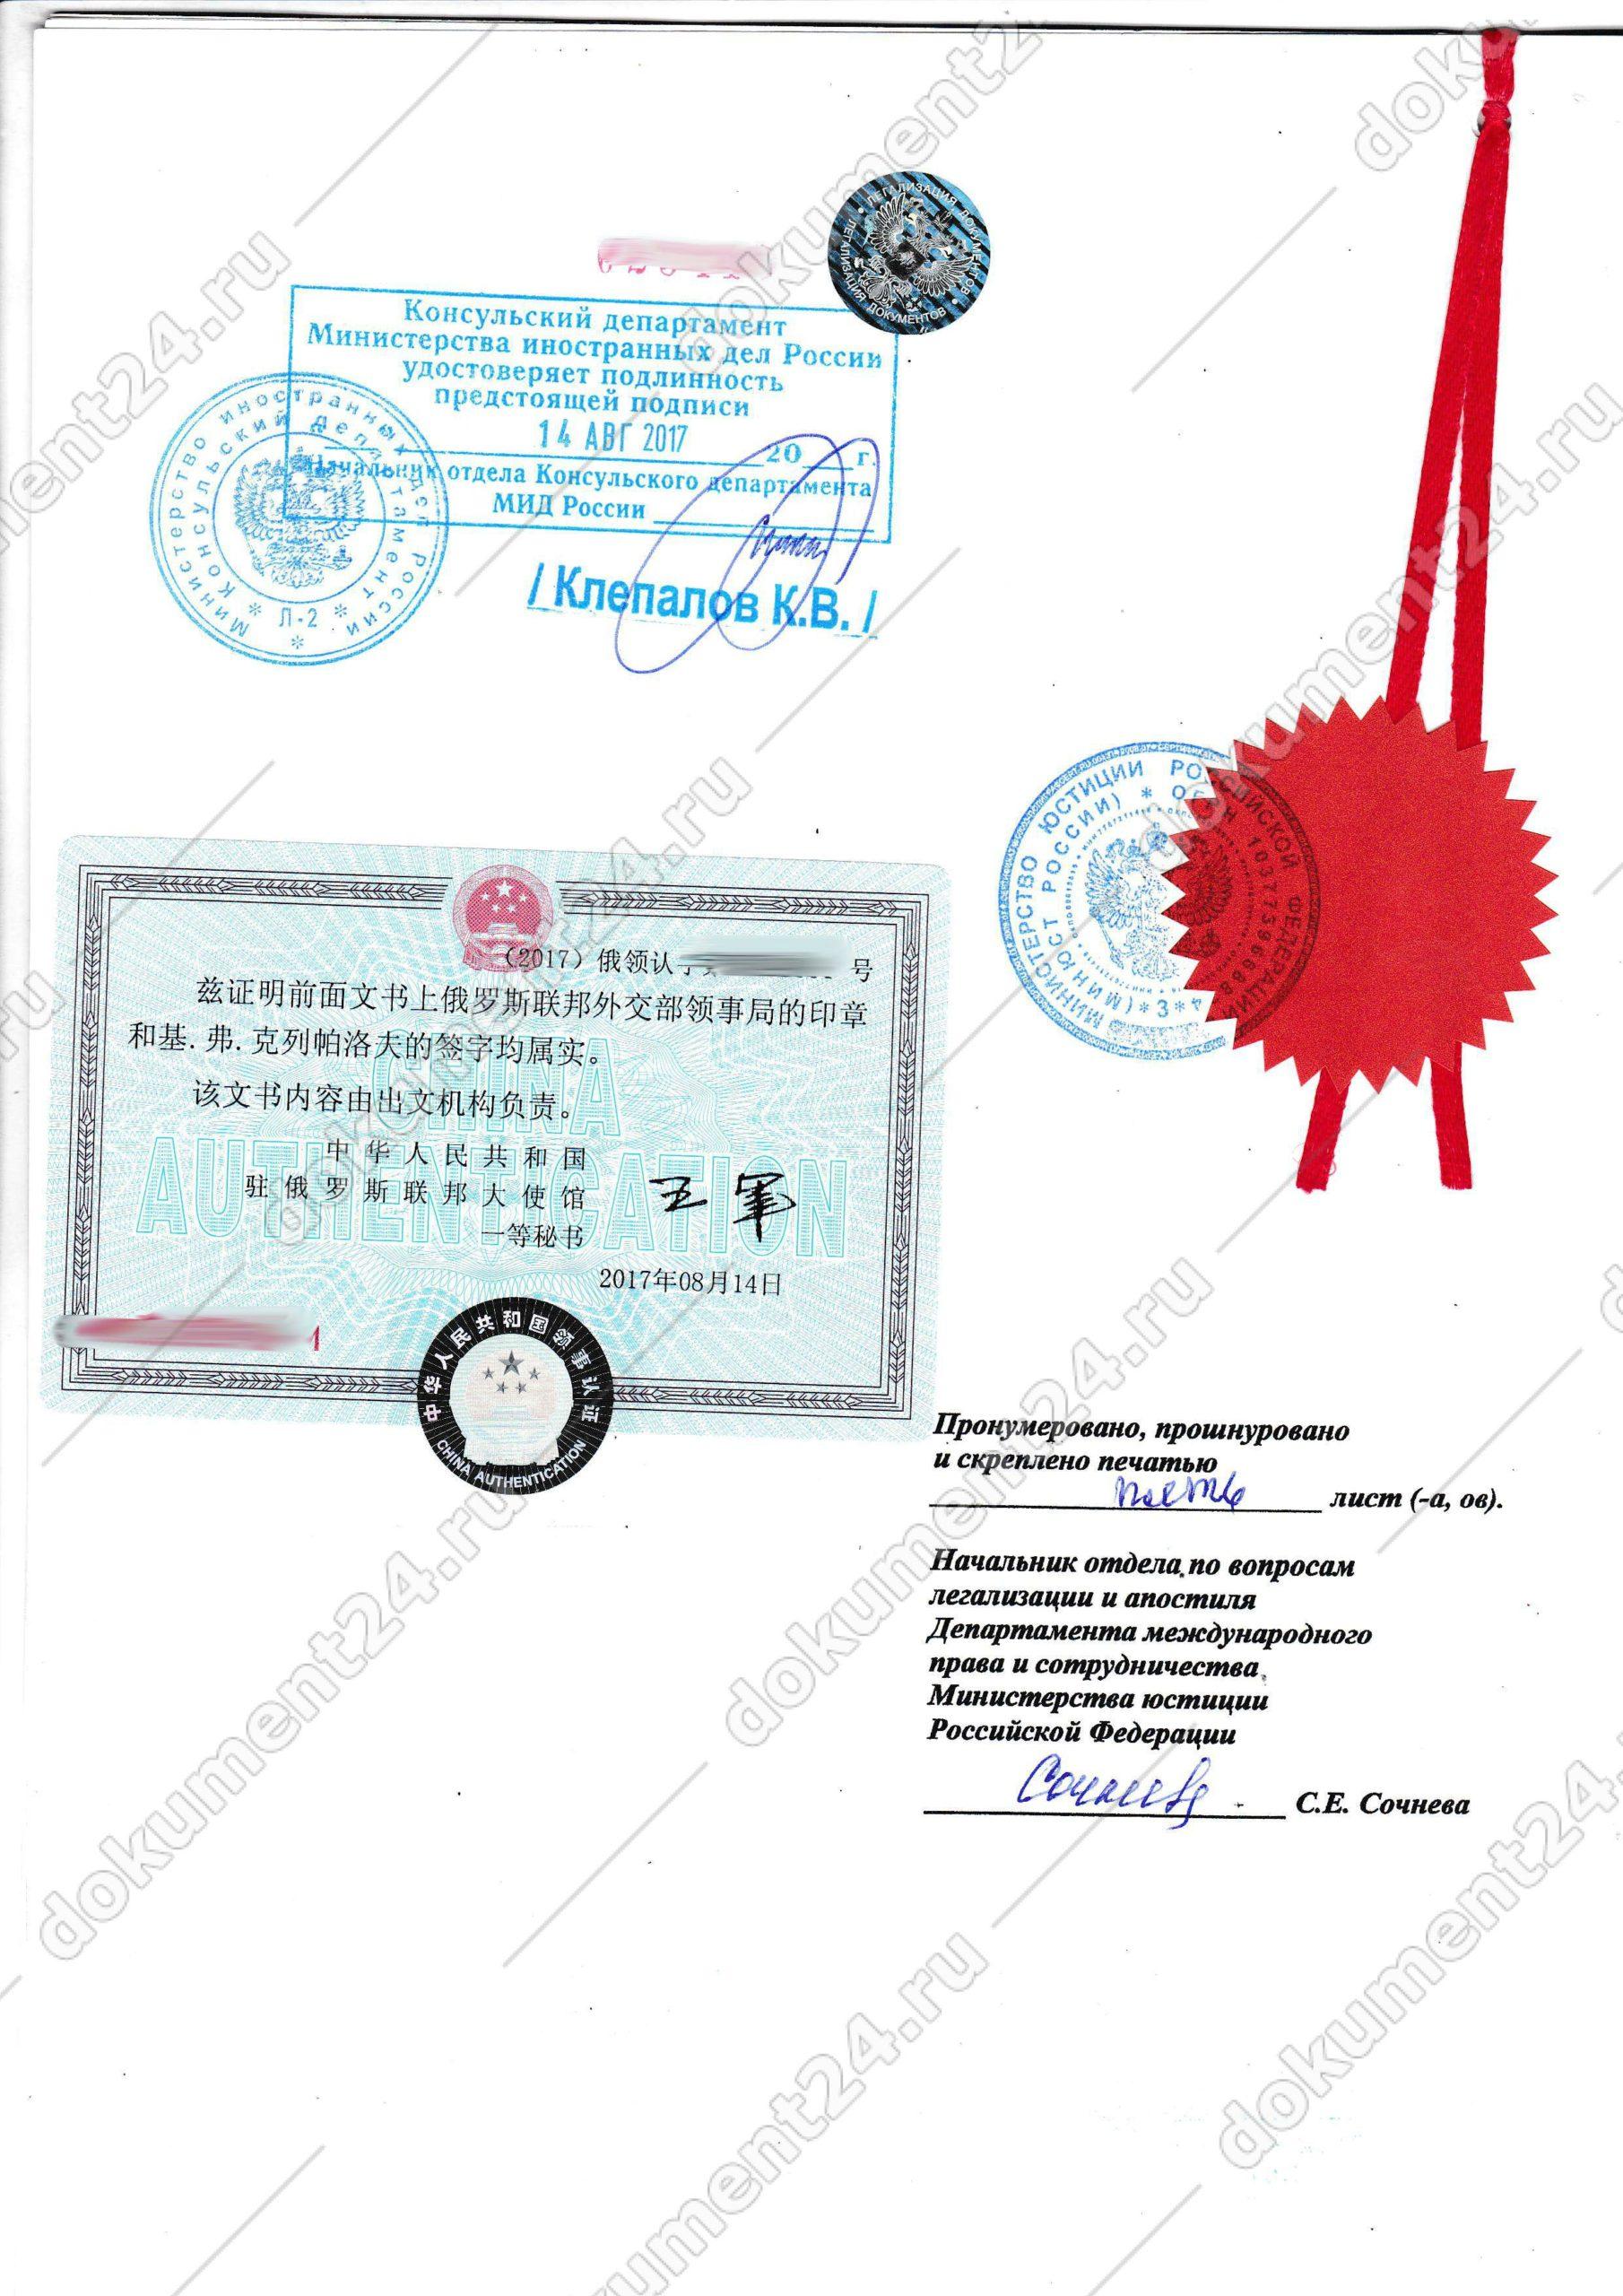 konsulskaya legalizatsiya posolstvo kitaya